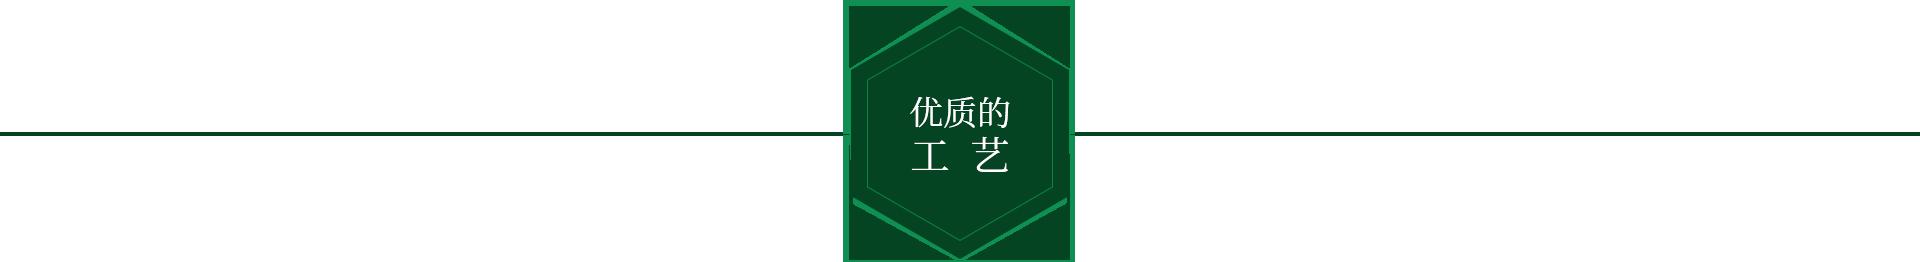 桂林周氏蜂蜜 優質工藝